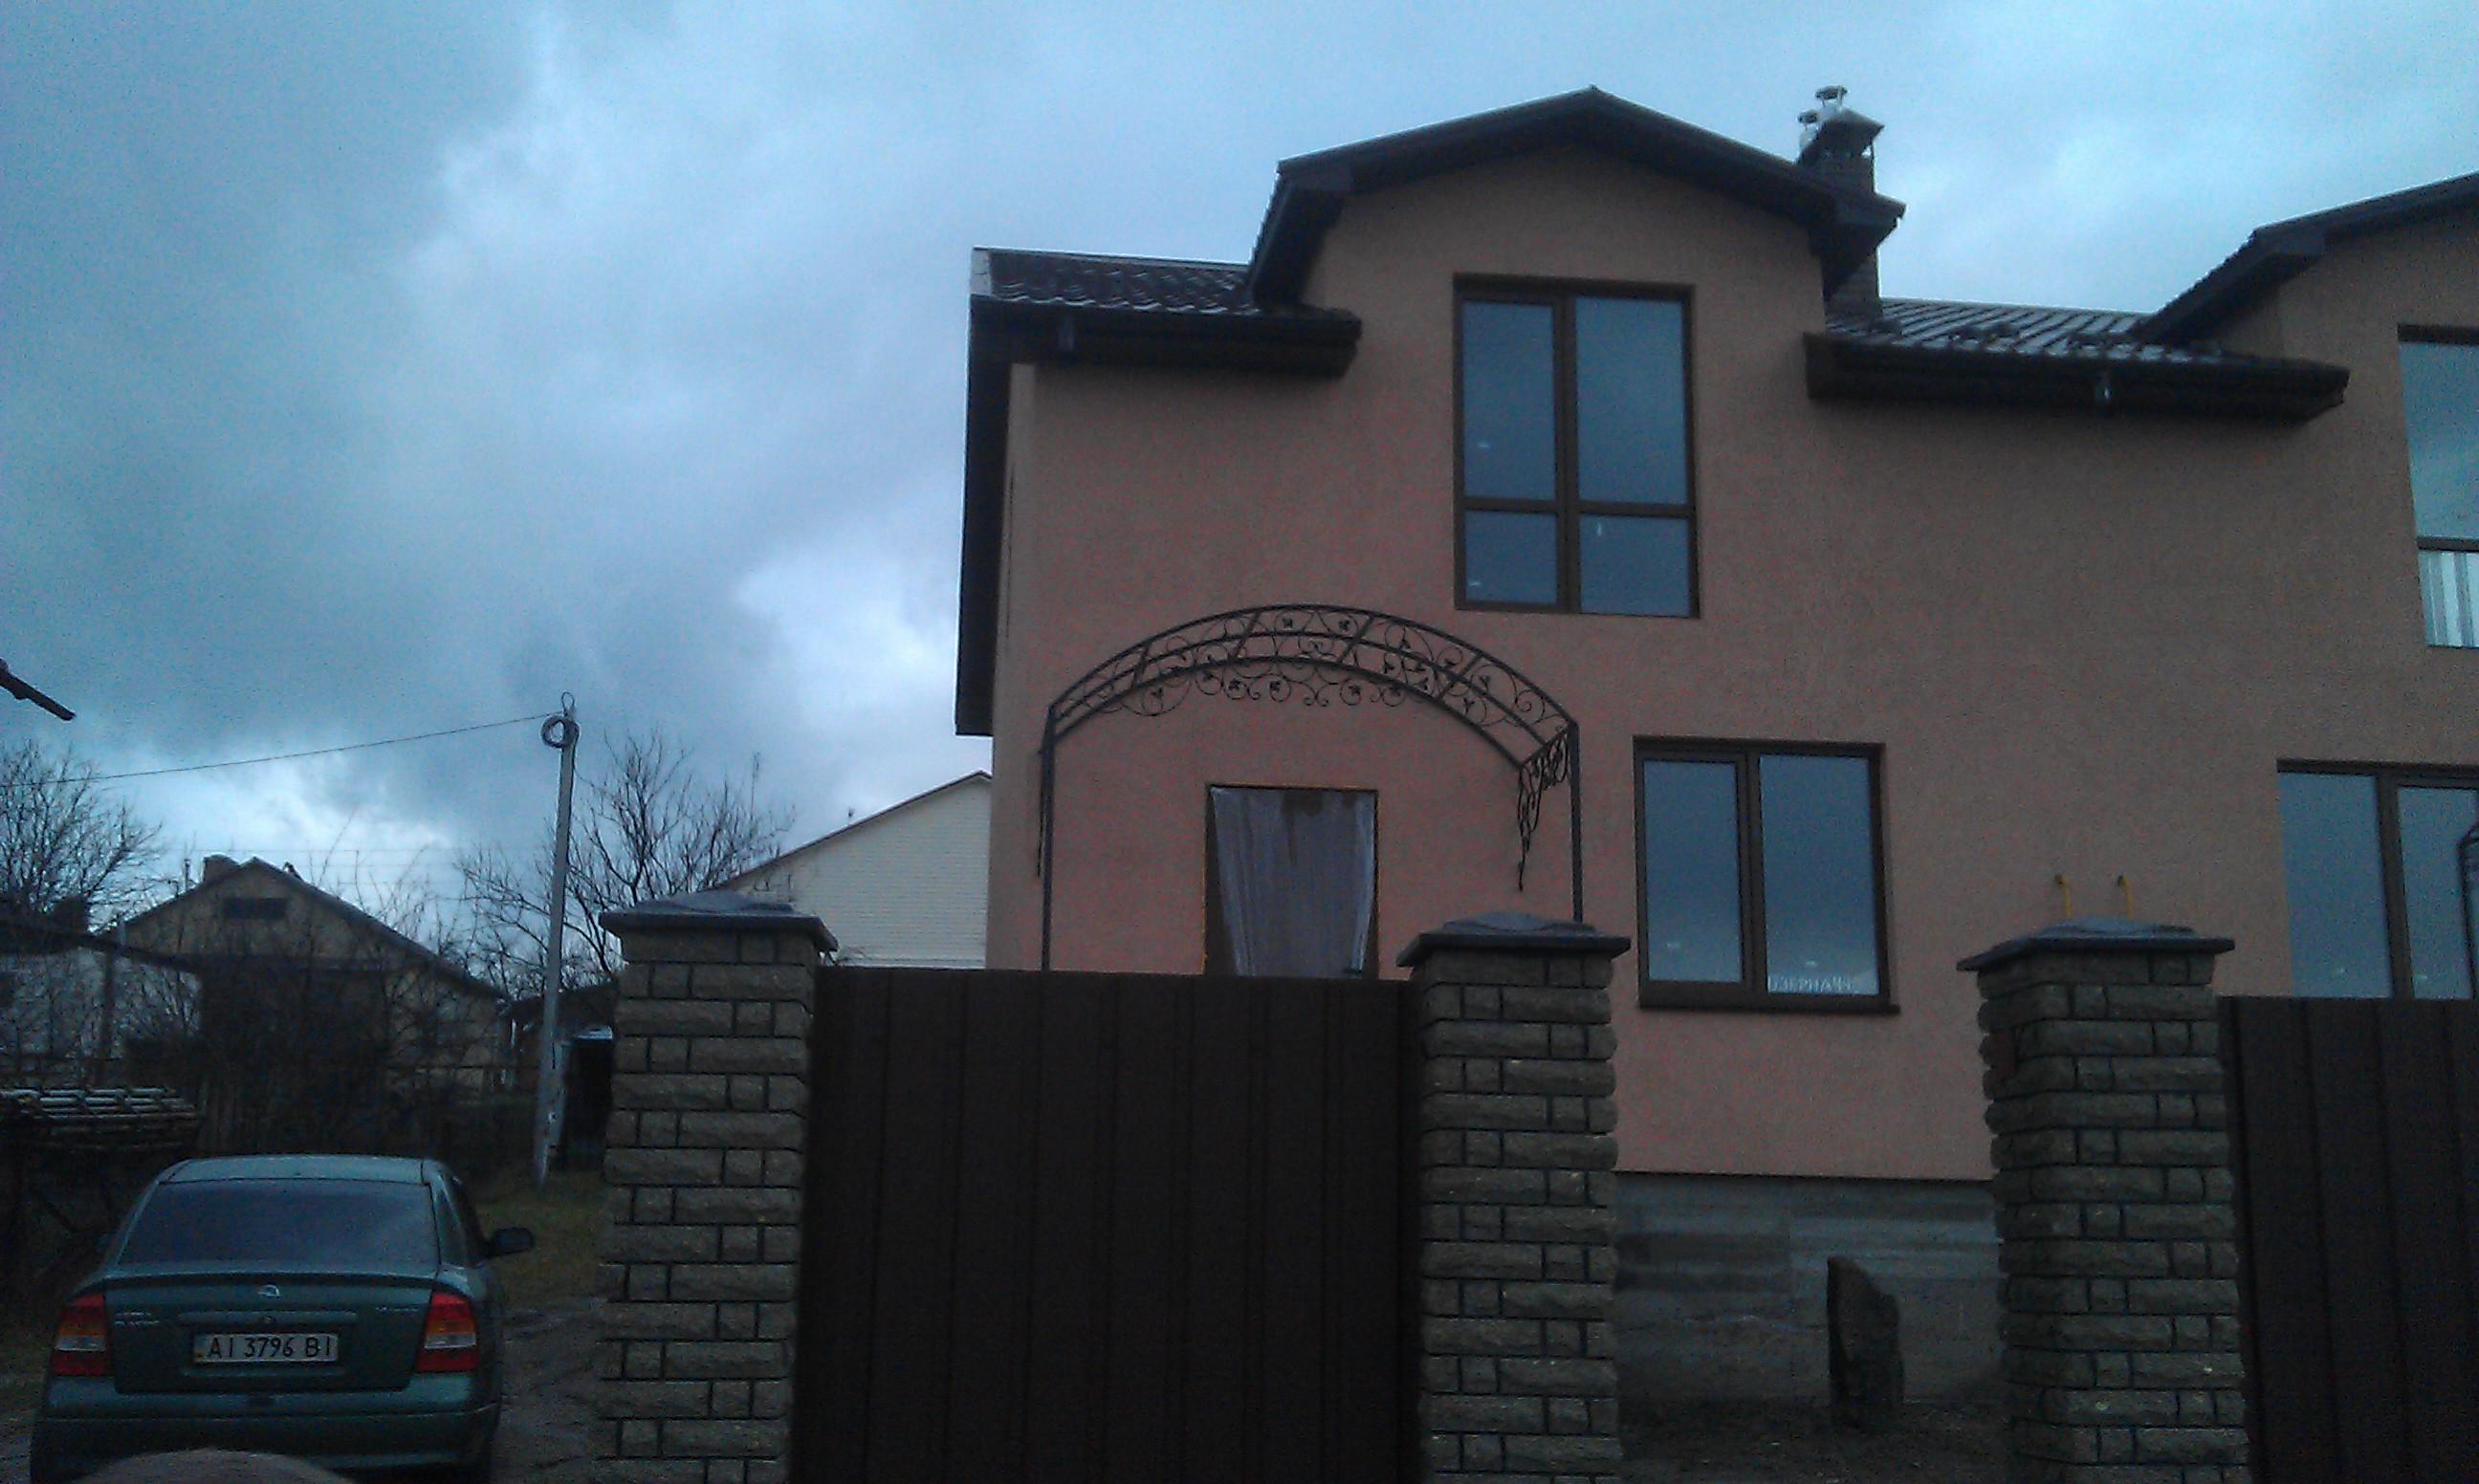 Продается элитный дом (дуплекс) в Гостомеле 120 м²+5 соток земли 85 00 ...